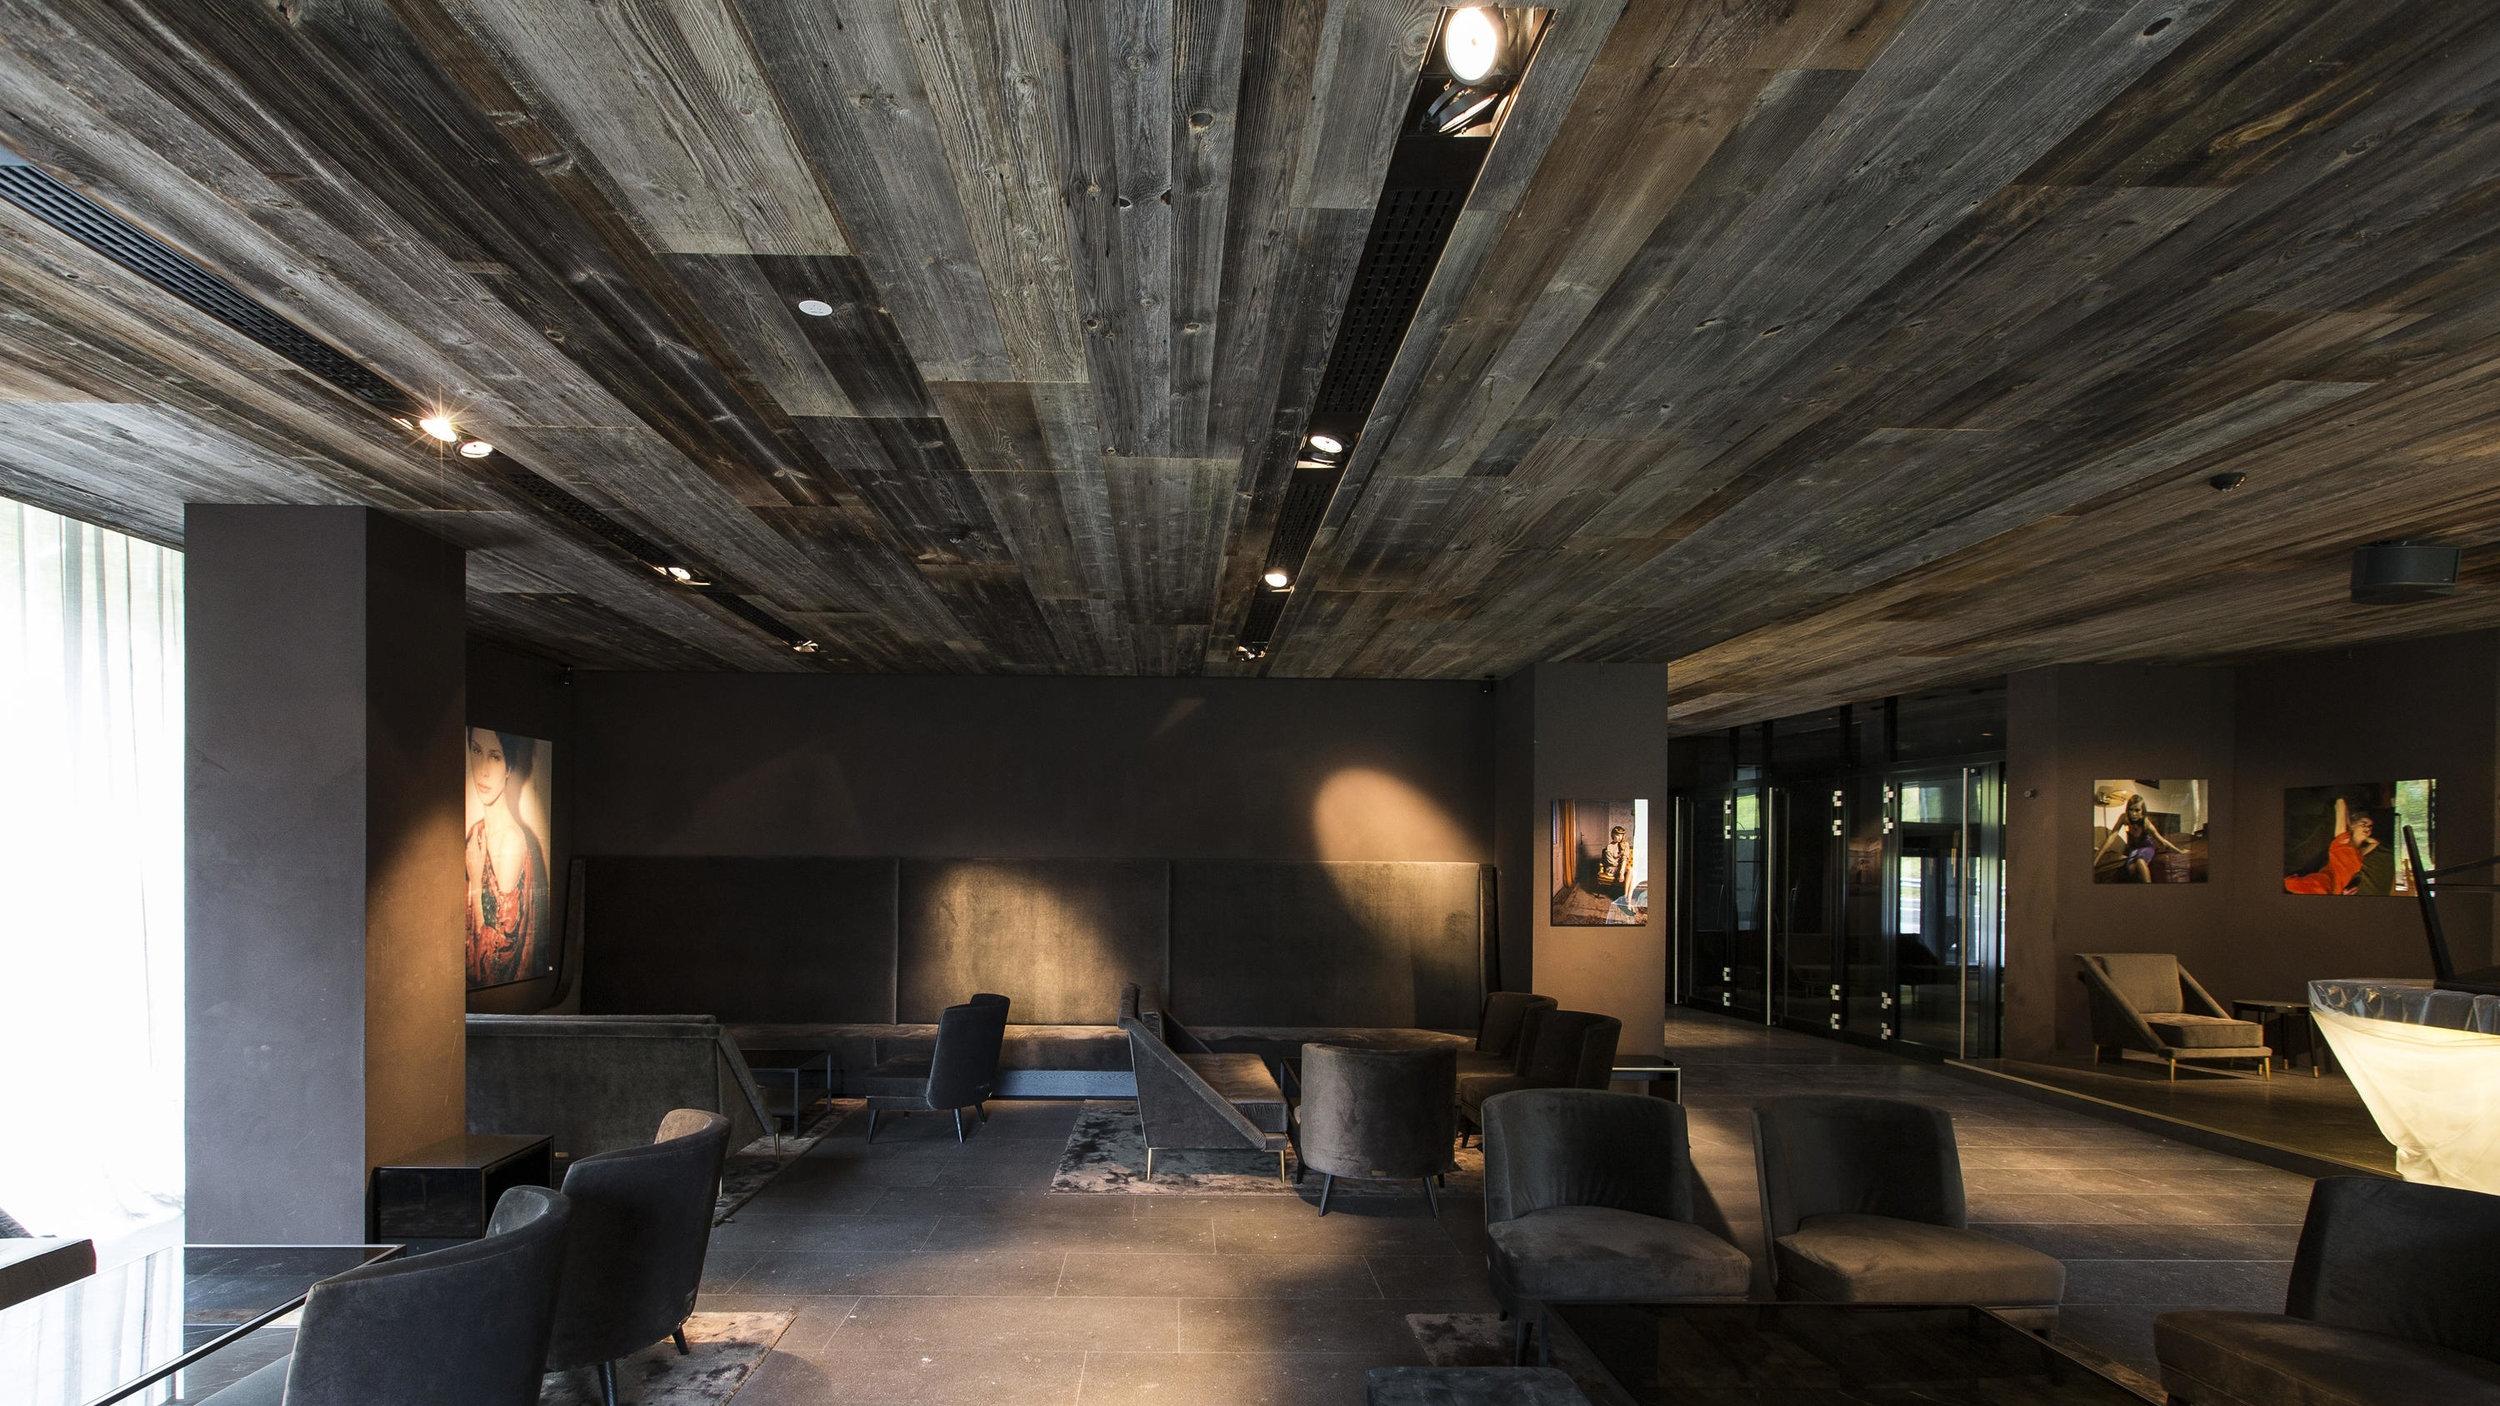 admonter-elements-altholz-sonnenverbrannt-zhero-hotel-group-ischgl-oesterreich-5-b.jpg